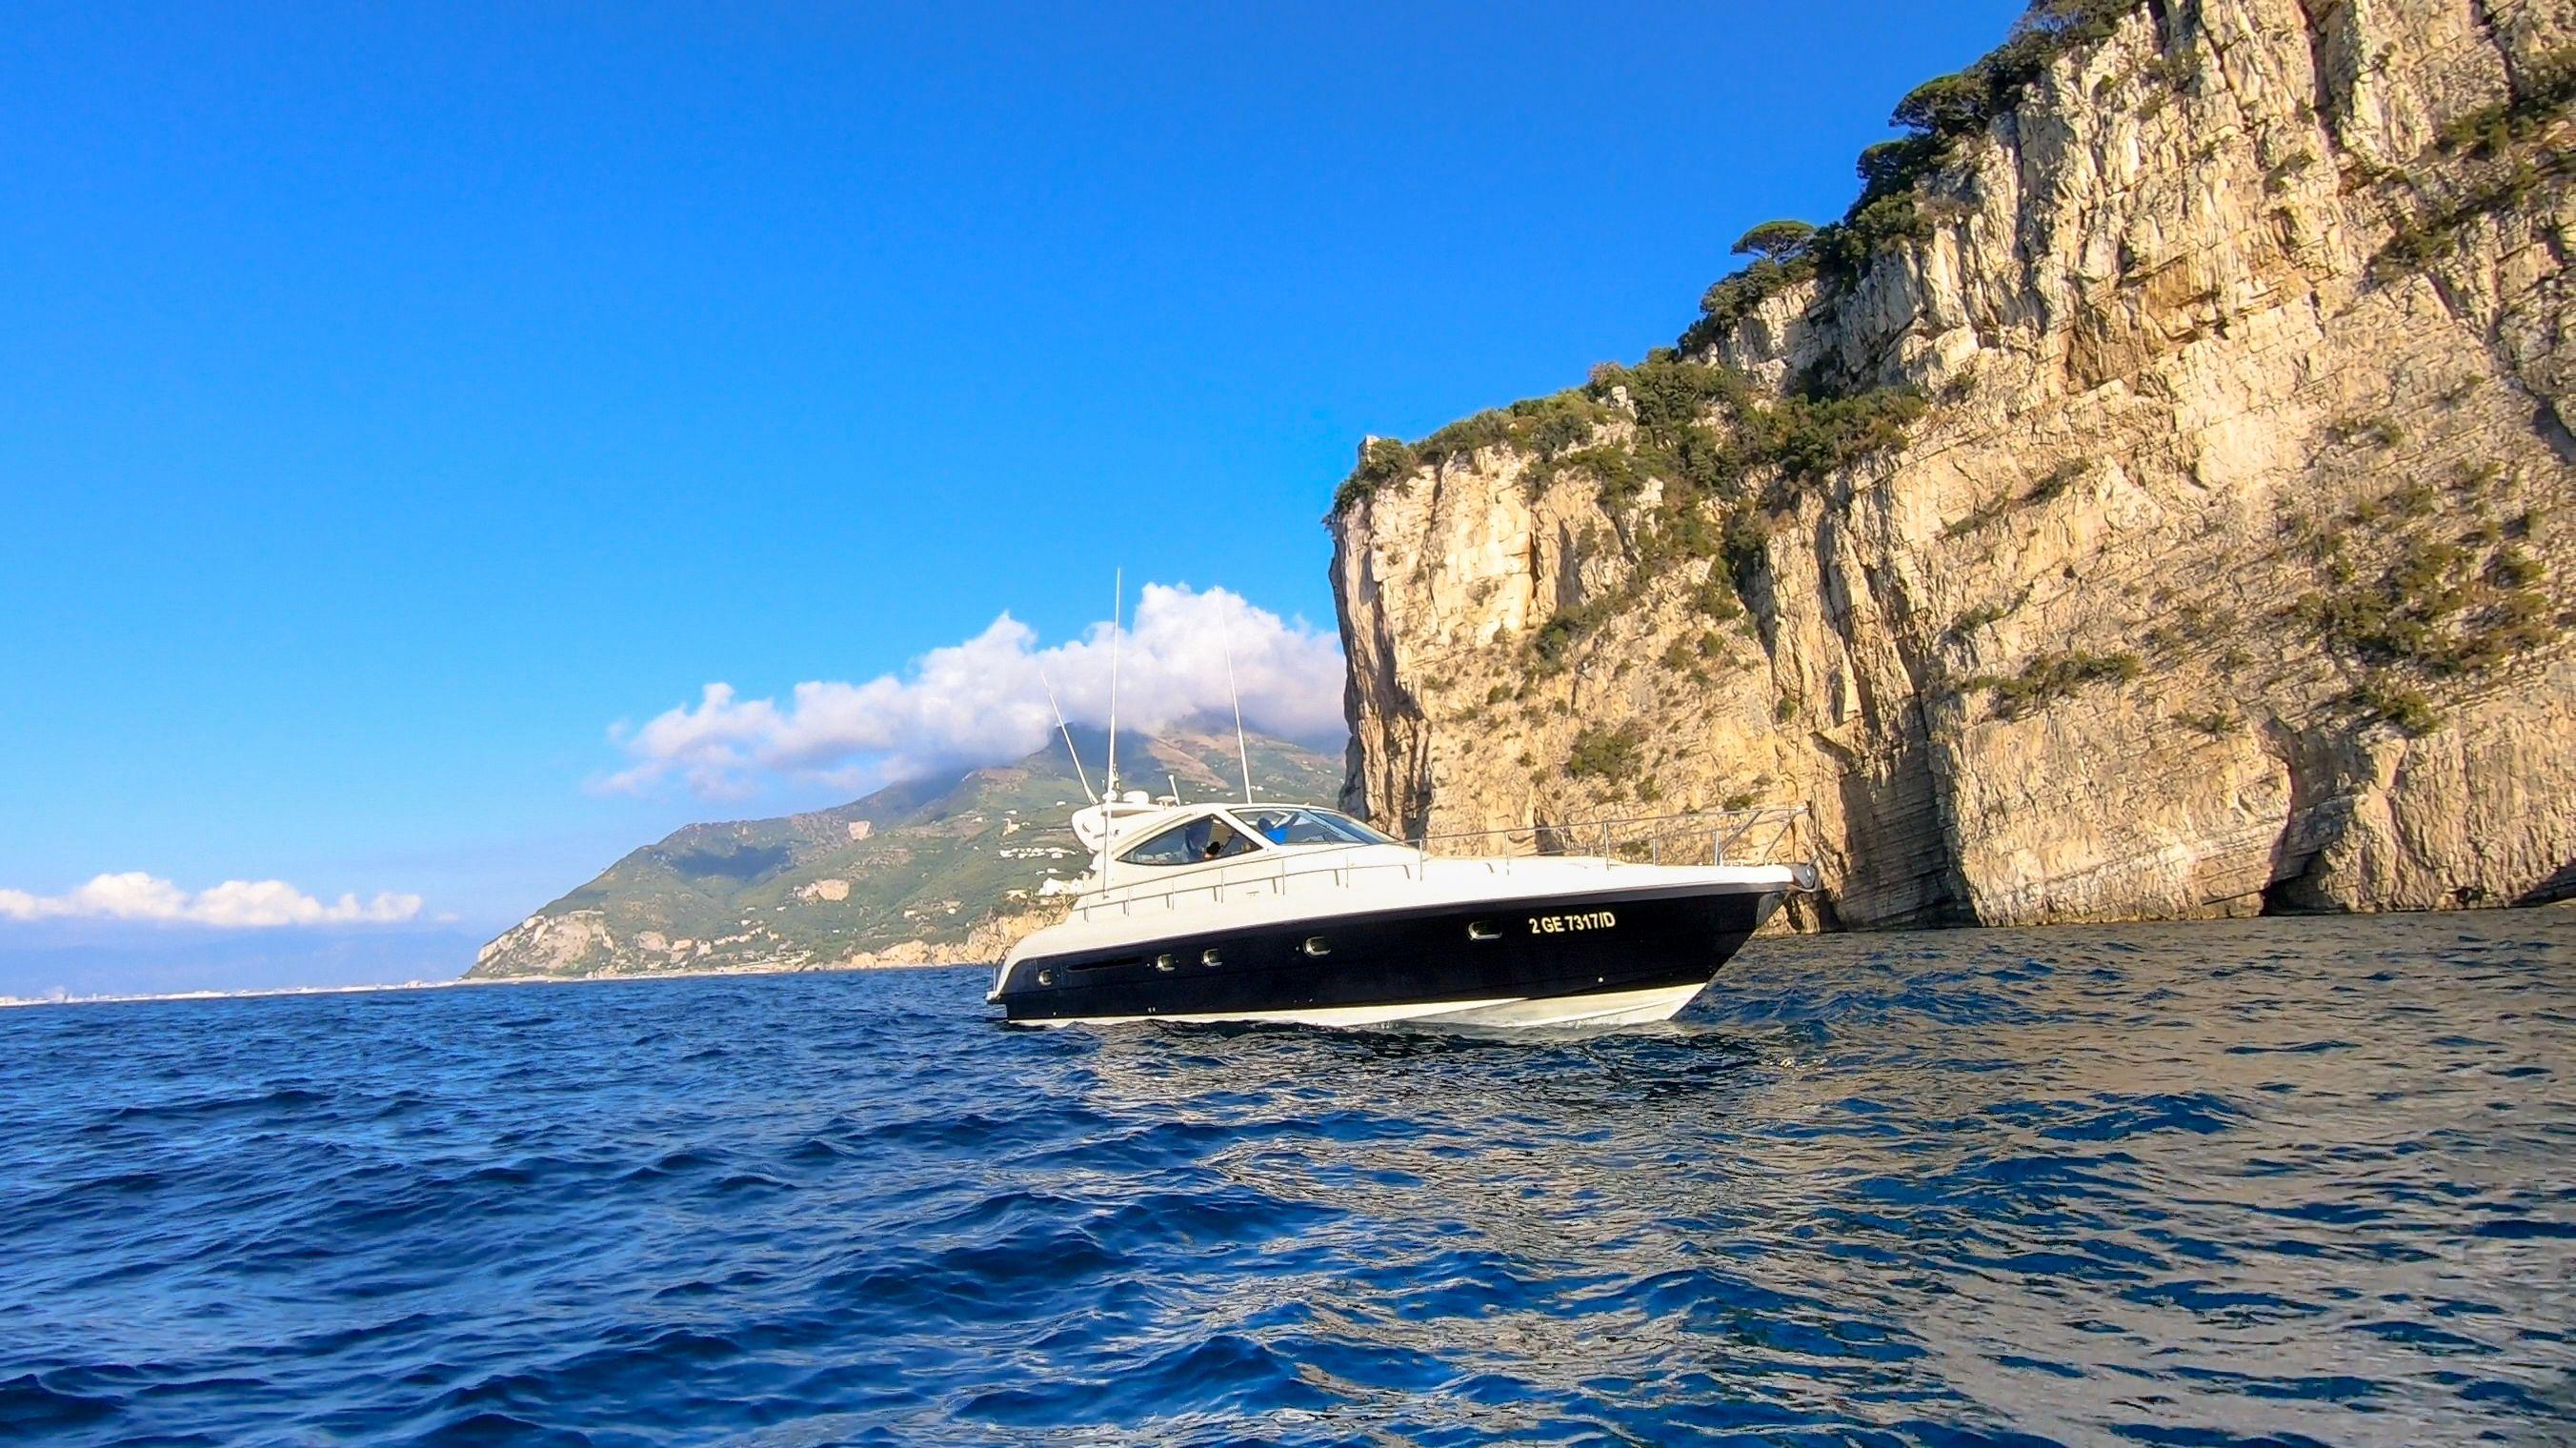 Gianetti 50 - Day charter - Sorrento - Positano - Salerno - Amalfi Coast - Capri - Naples